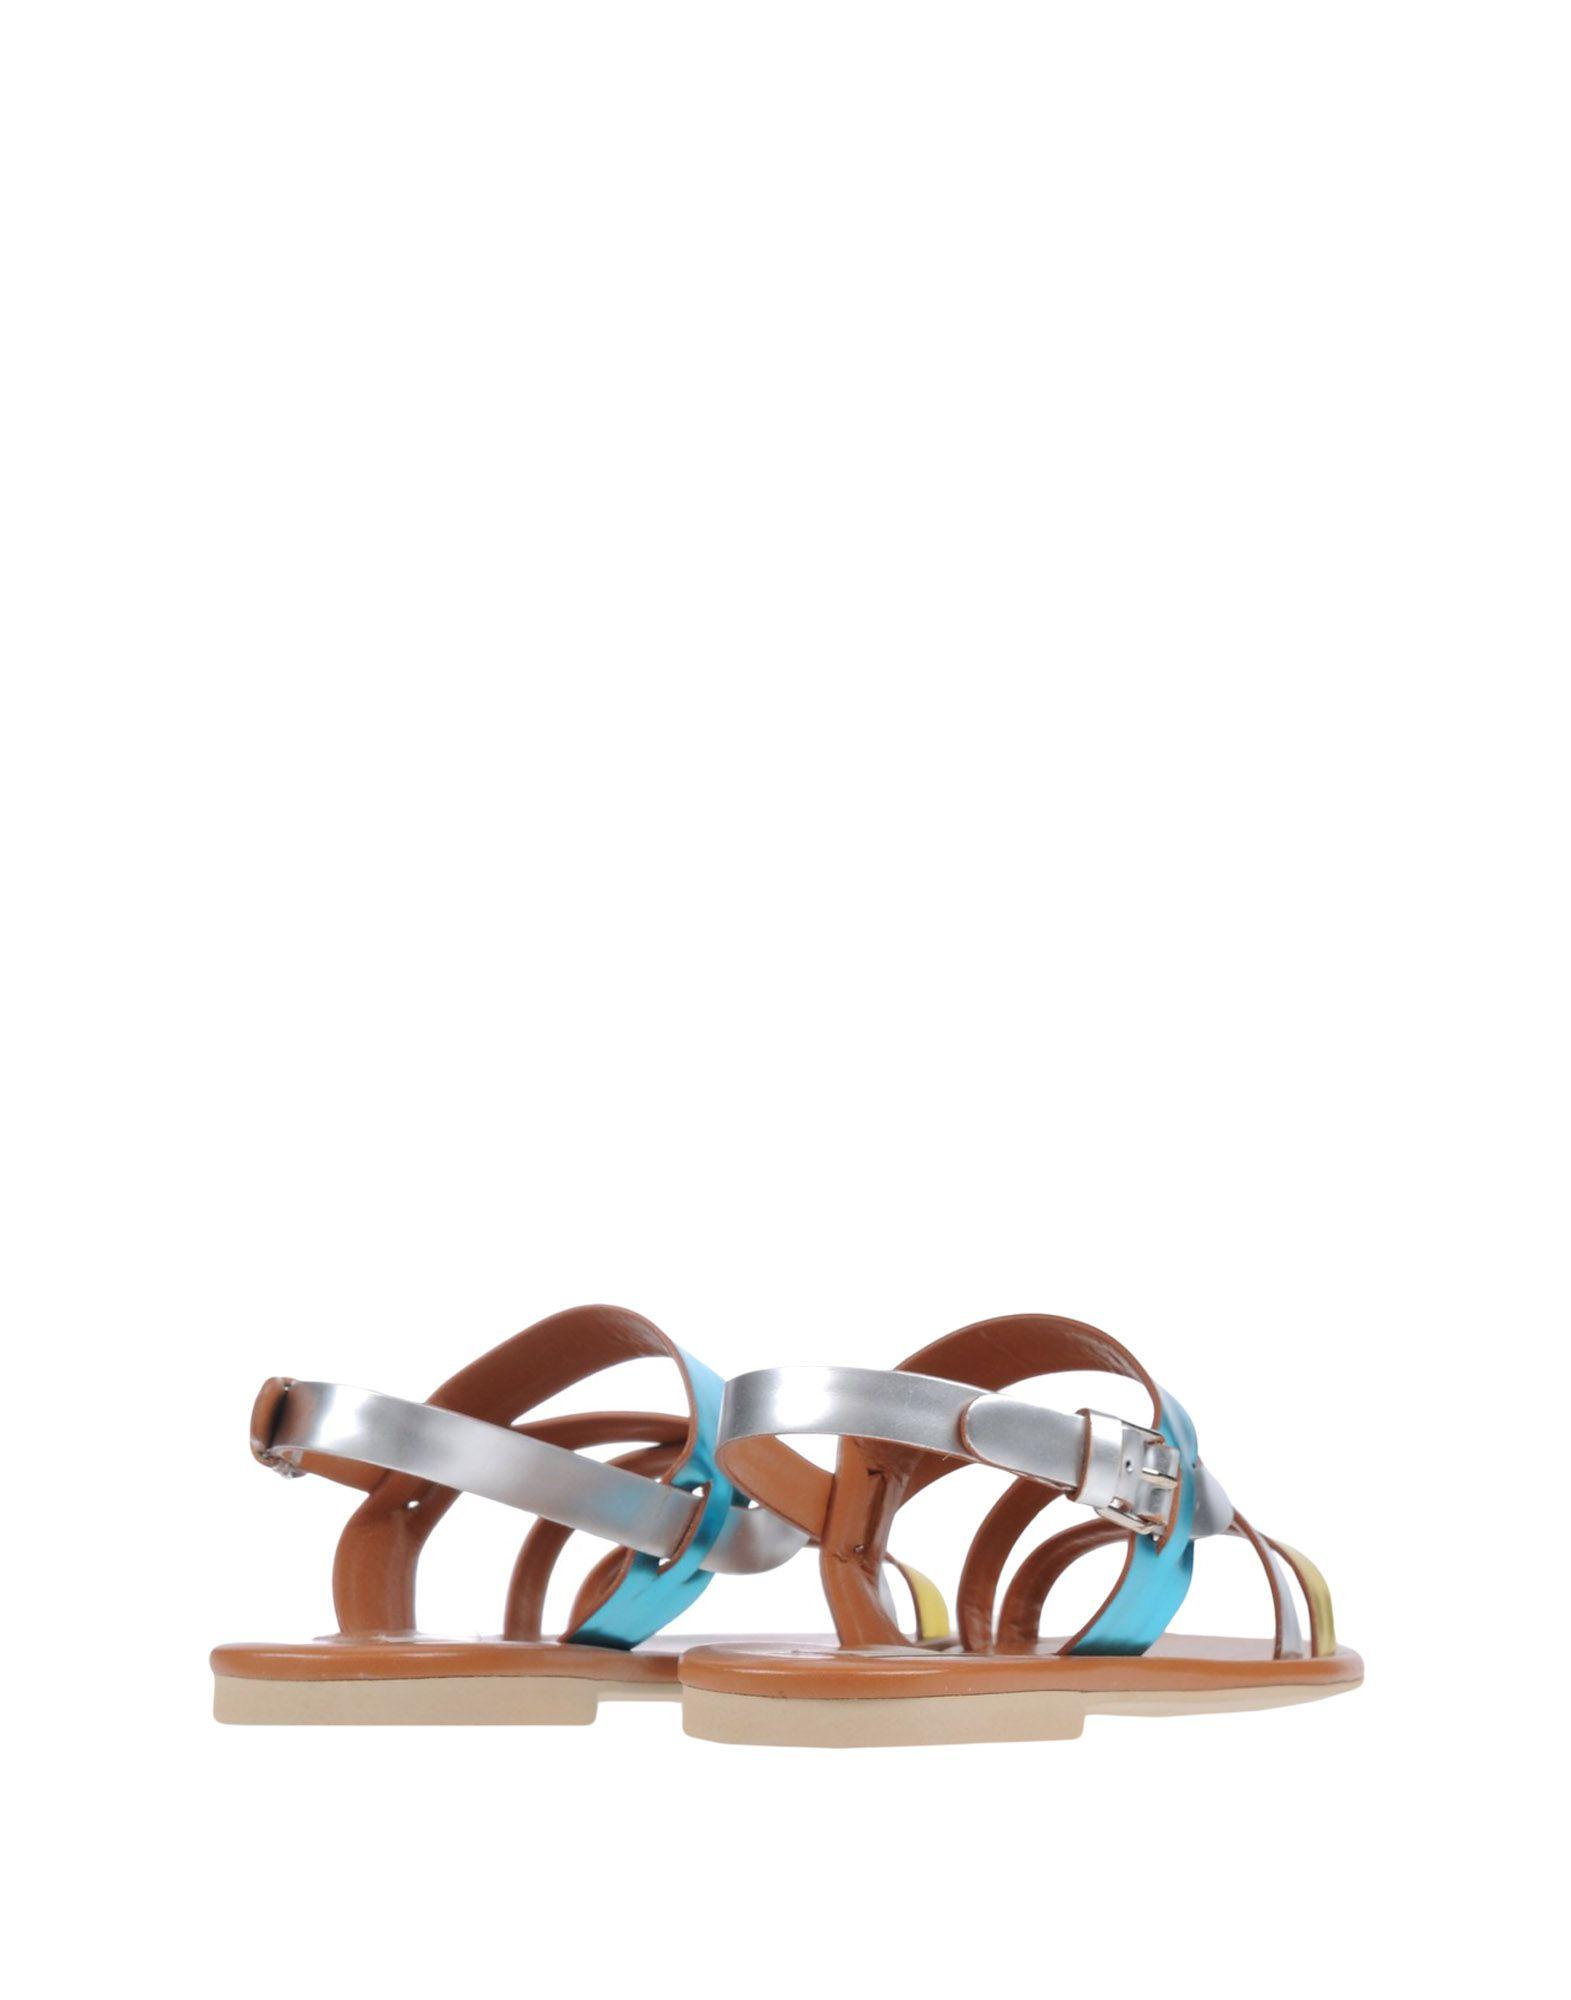 Stella Mccartney Sandalen Damen  11478220LN Beliebte Schuhe Schuhe Schuhe 9e407a